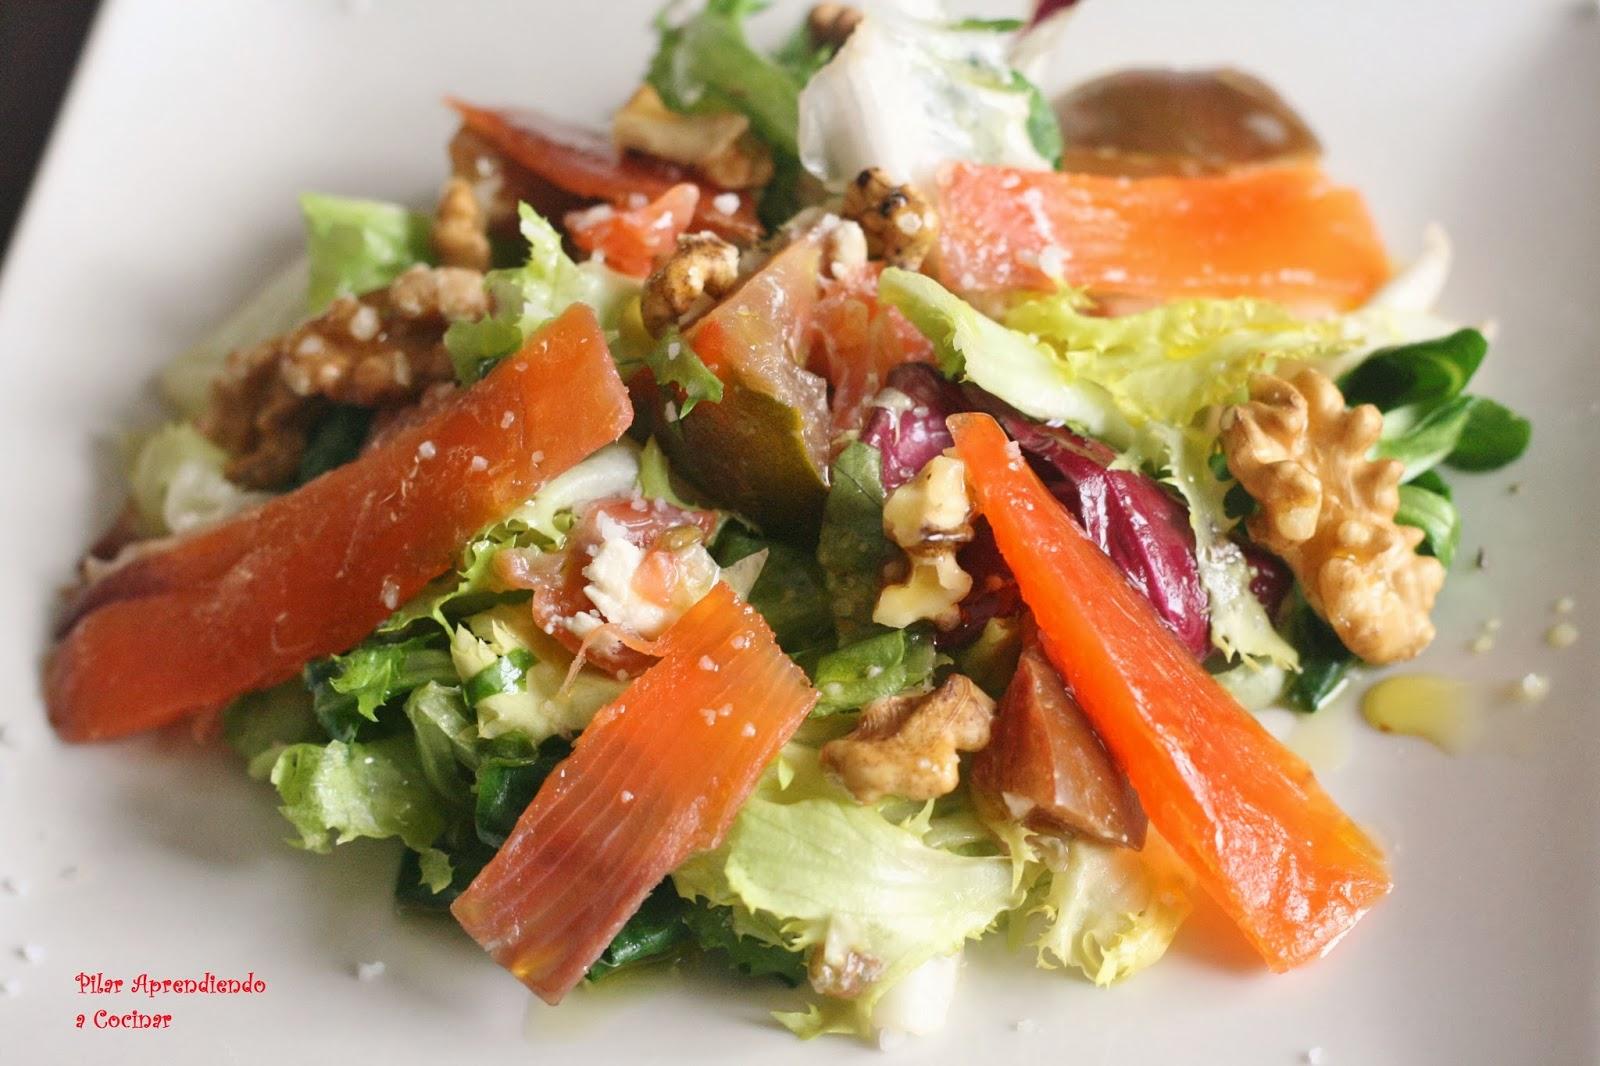 aprendiendo a cocinar ensalada con salmon ahumado norge